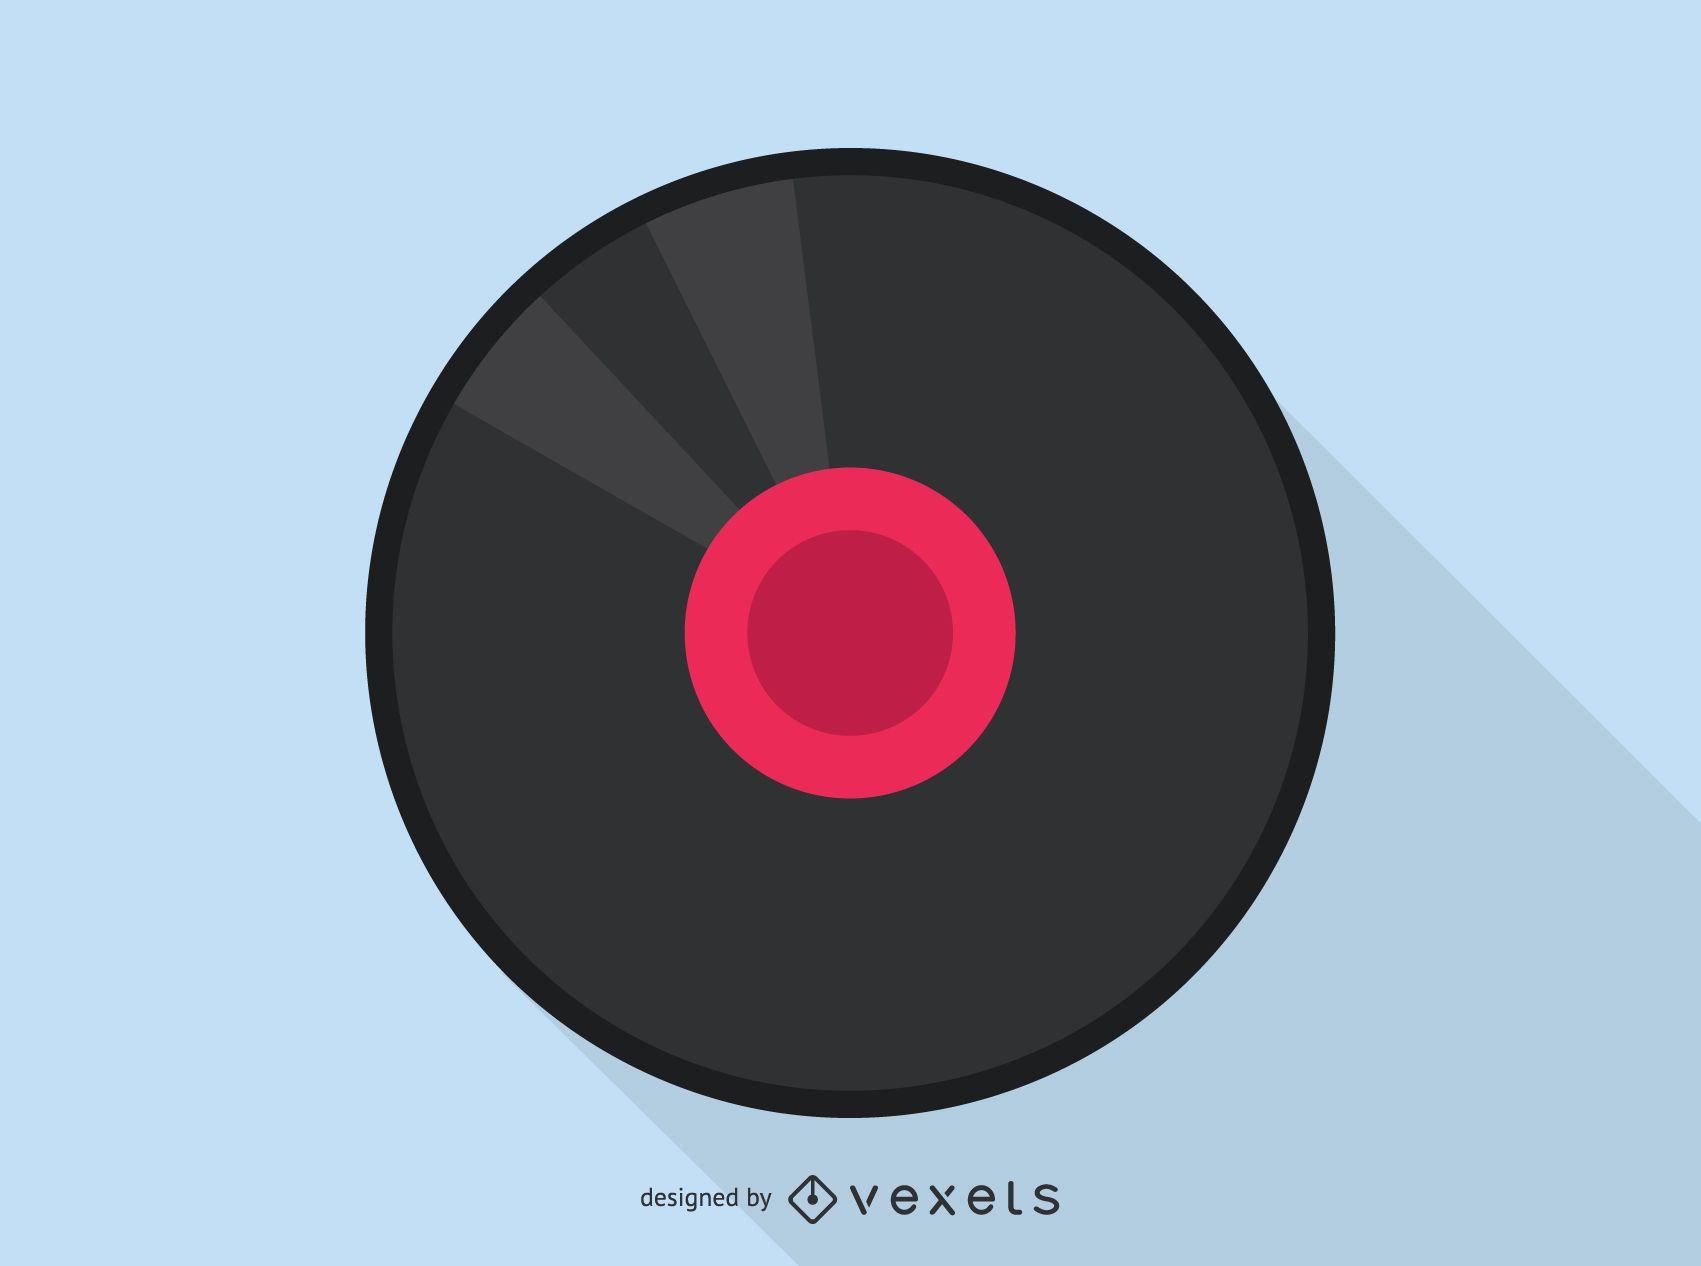 Vinyl record audio icon